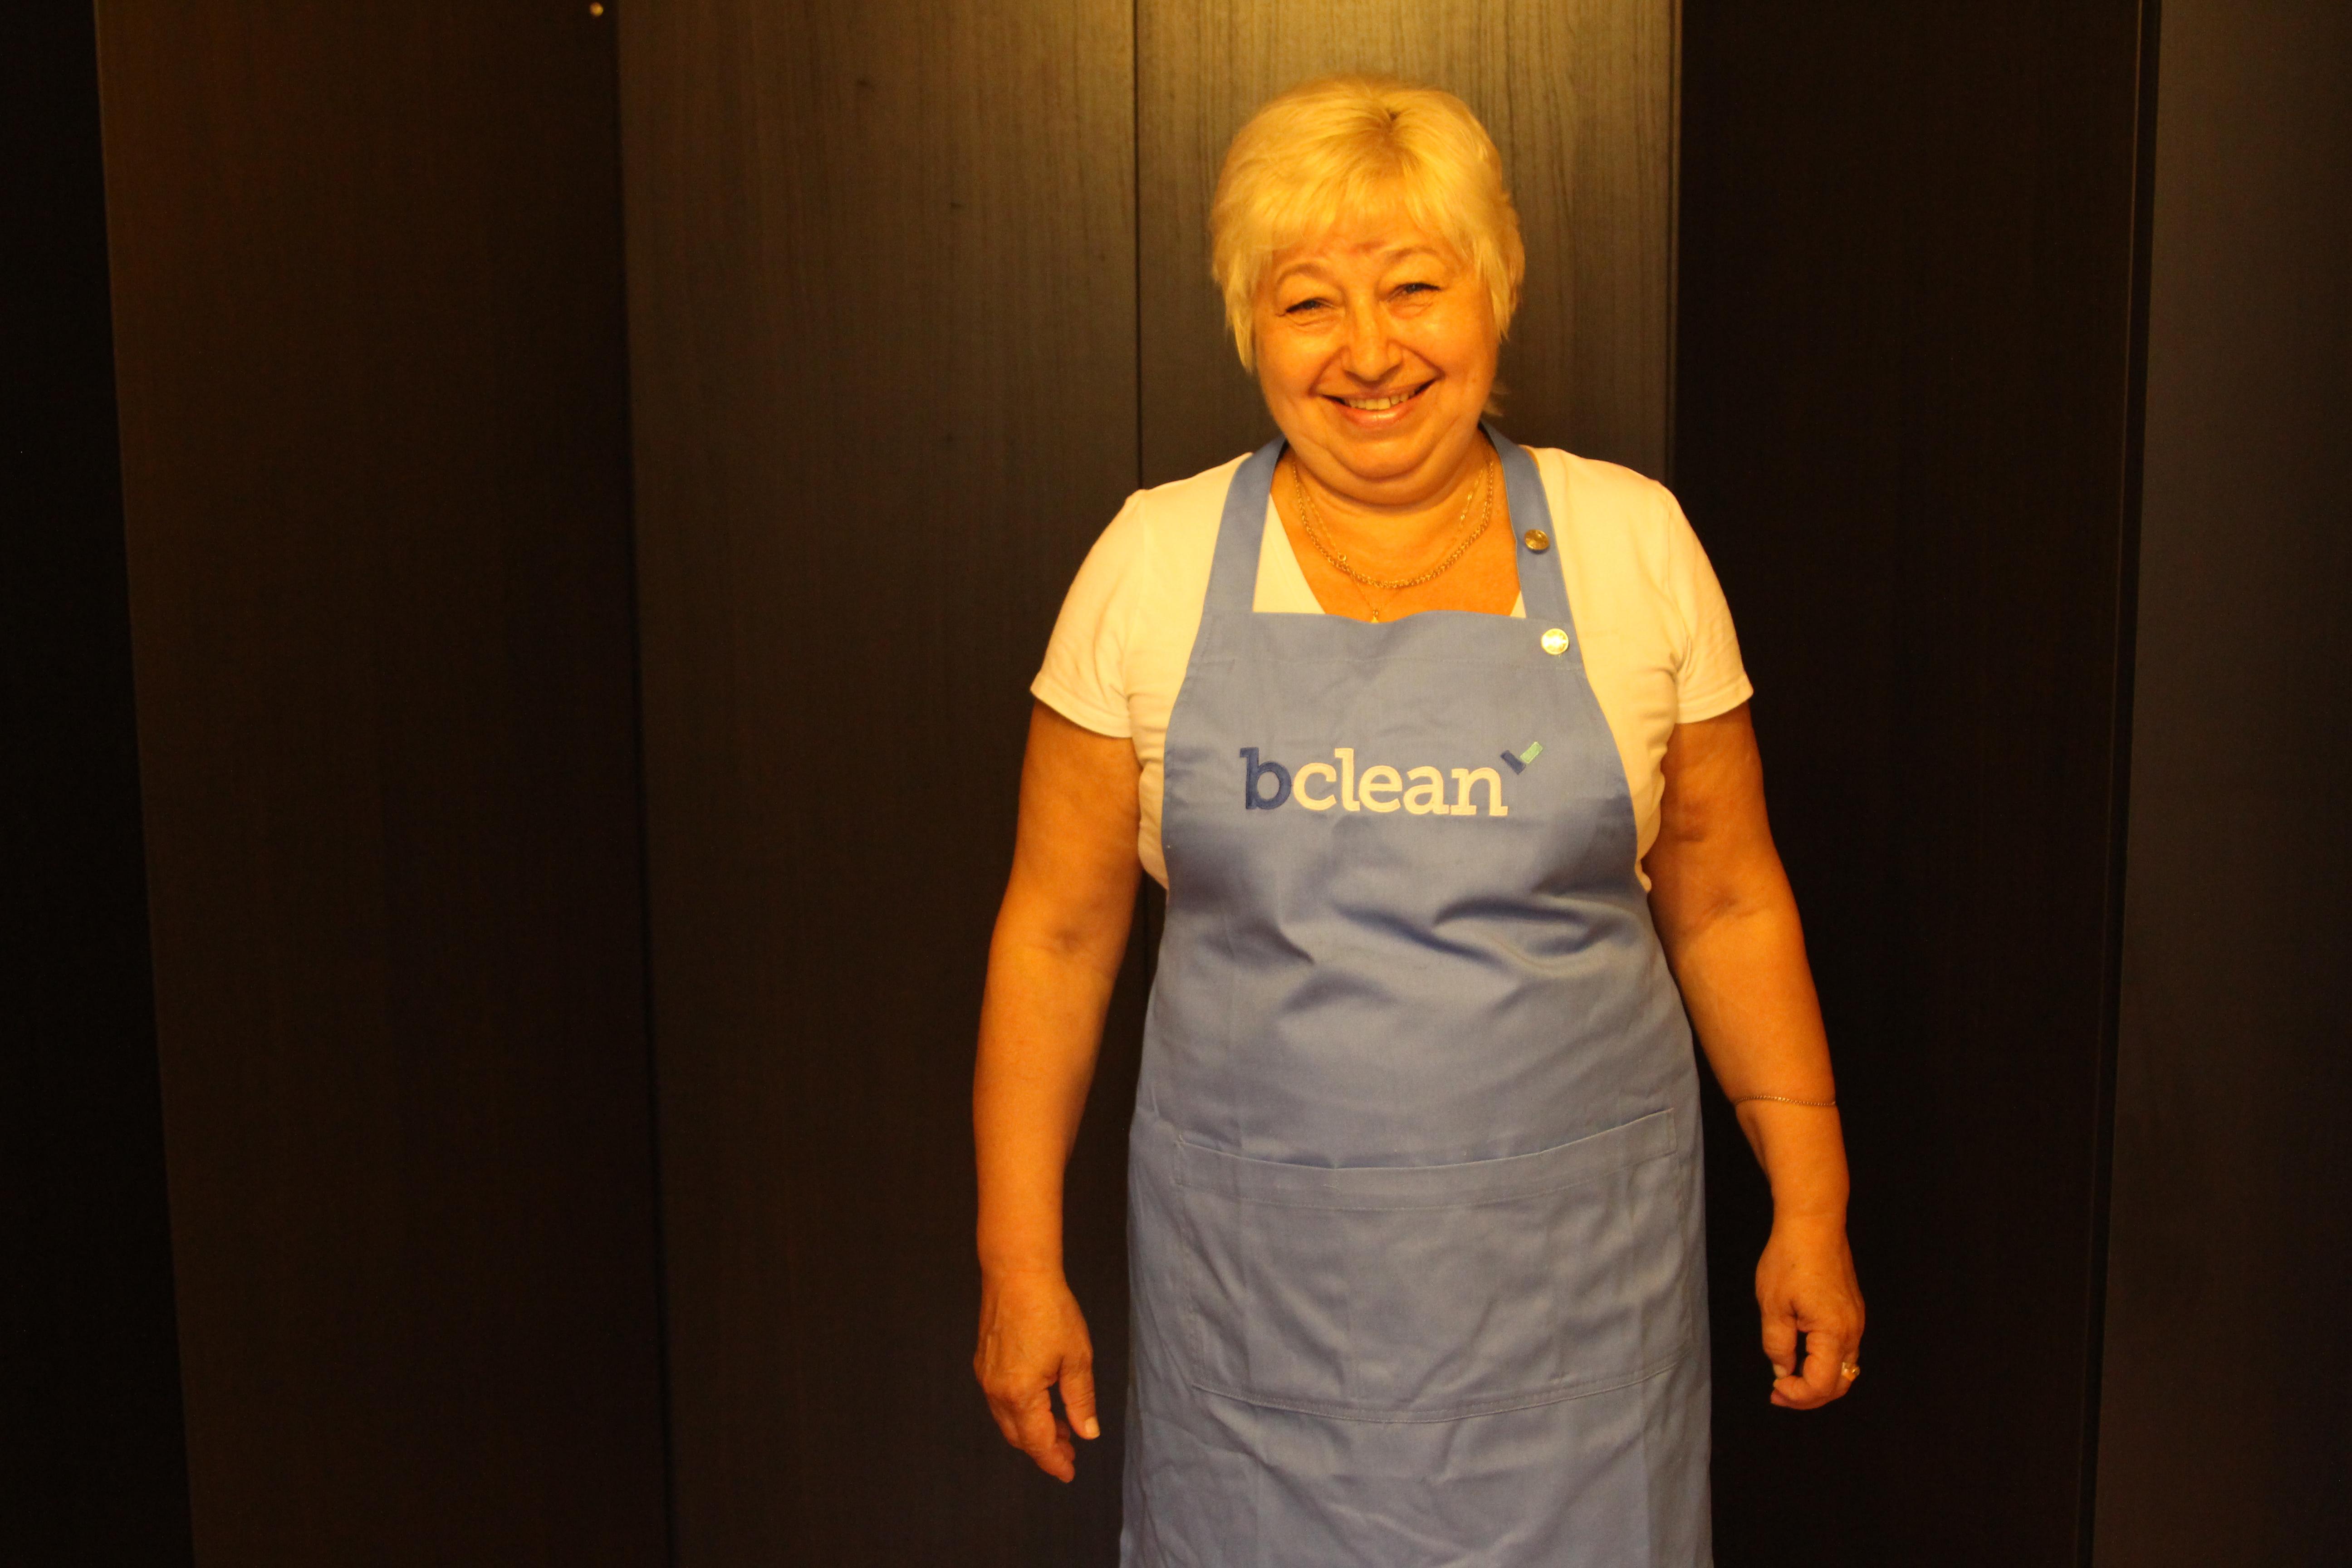 bclean.ru